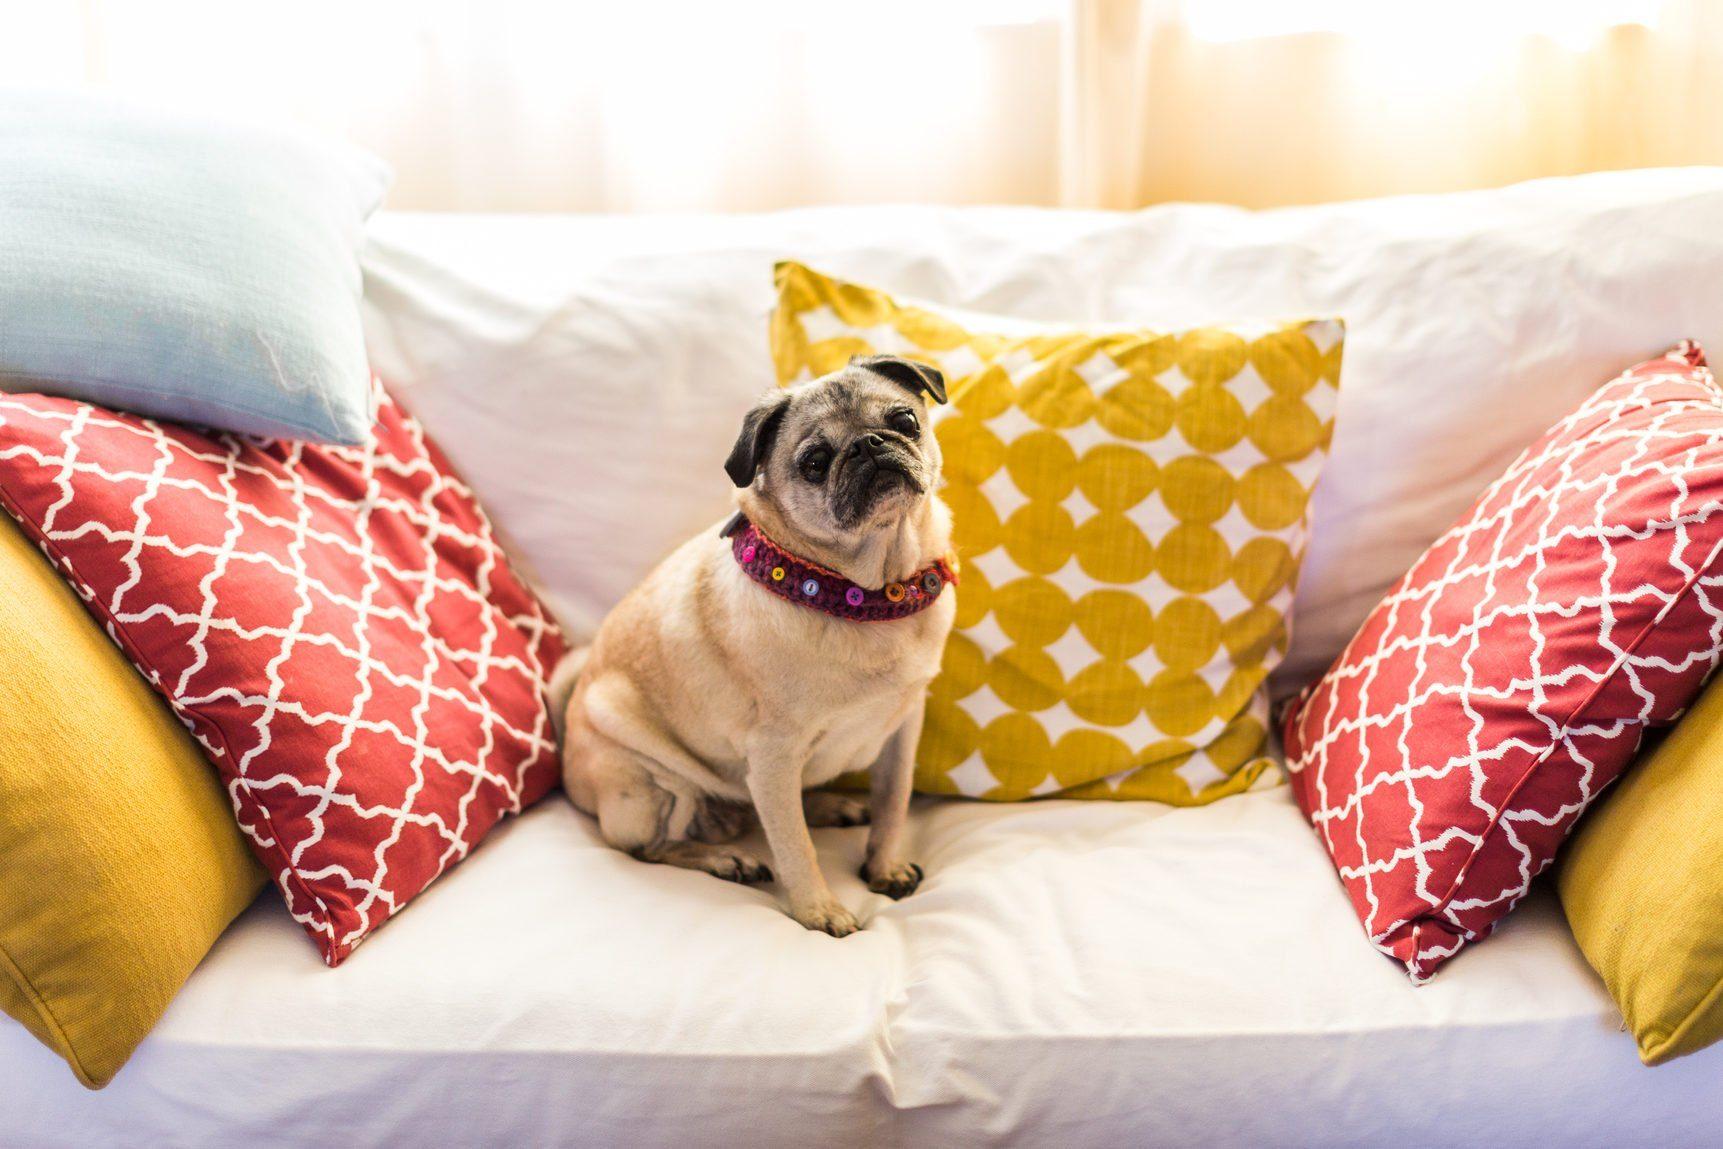 Portrait of pug dog sitting on a sofa